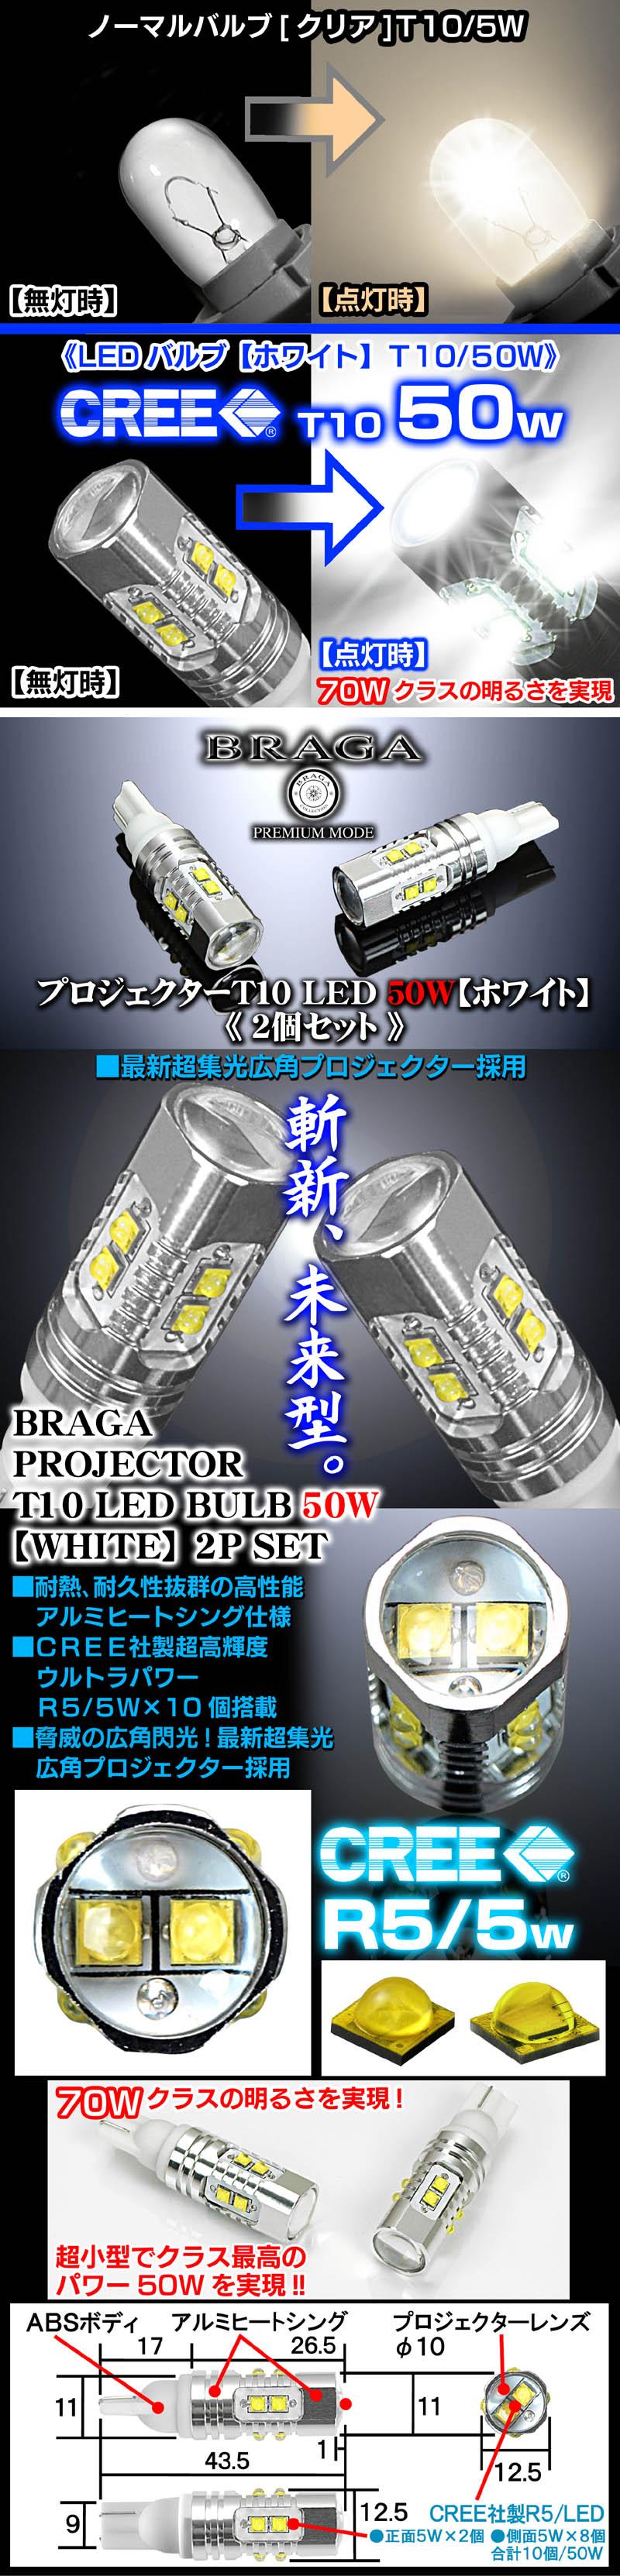 T10/T16 50W ナンバーランプ CREE製LEDプロジェクターバルブ【ホワイト/白】70Wクラスの光を実現《2個》1年保証/ブラガ